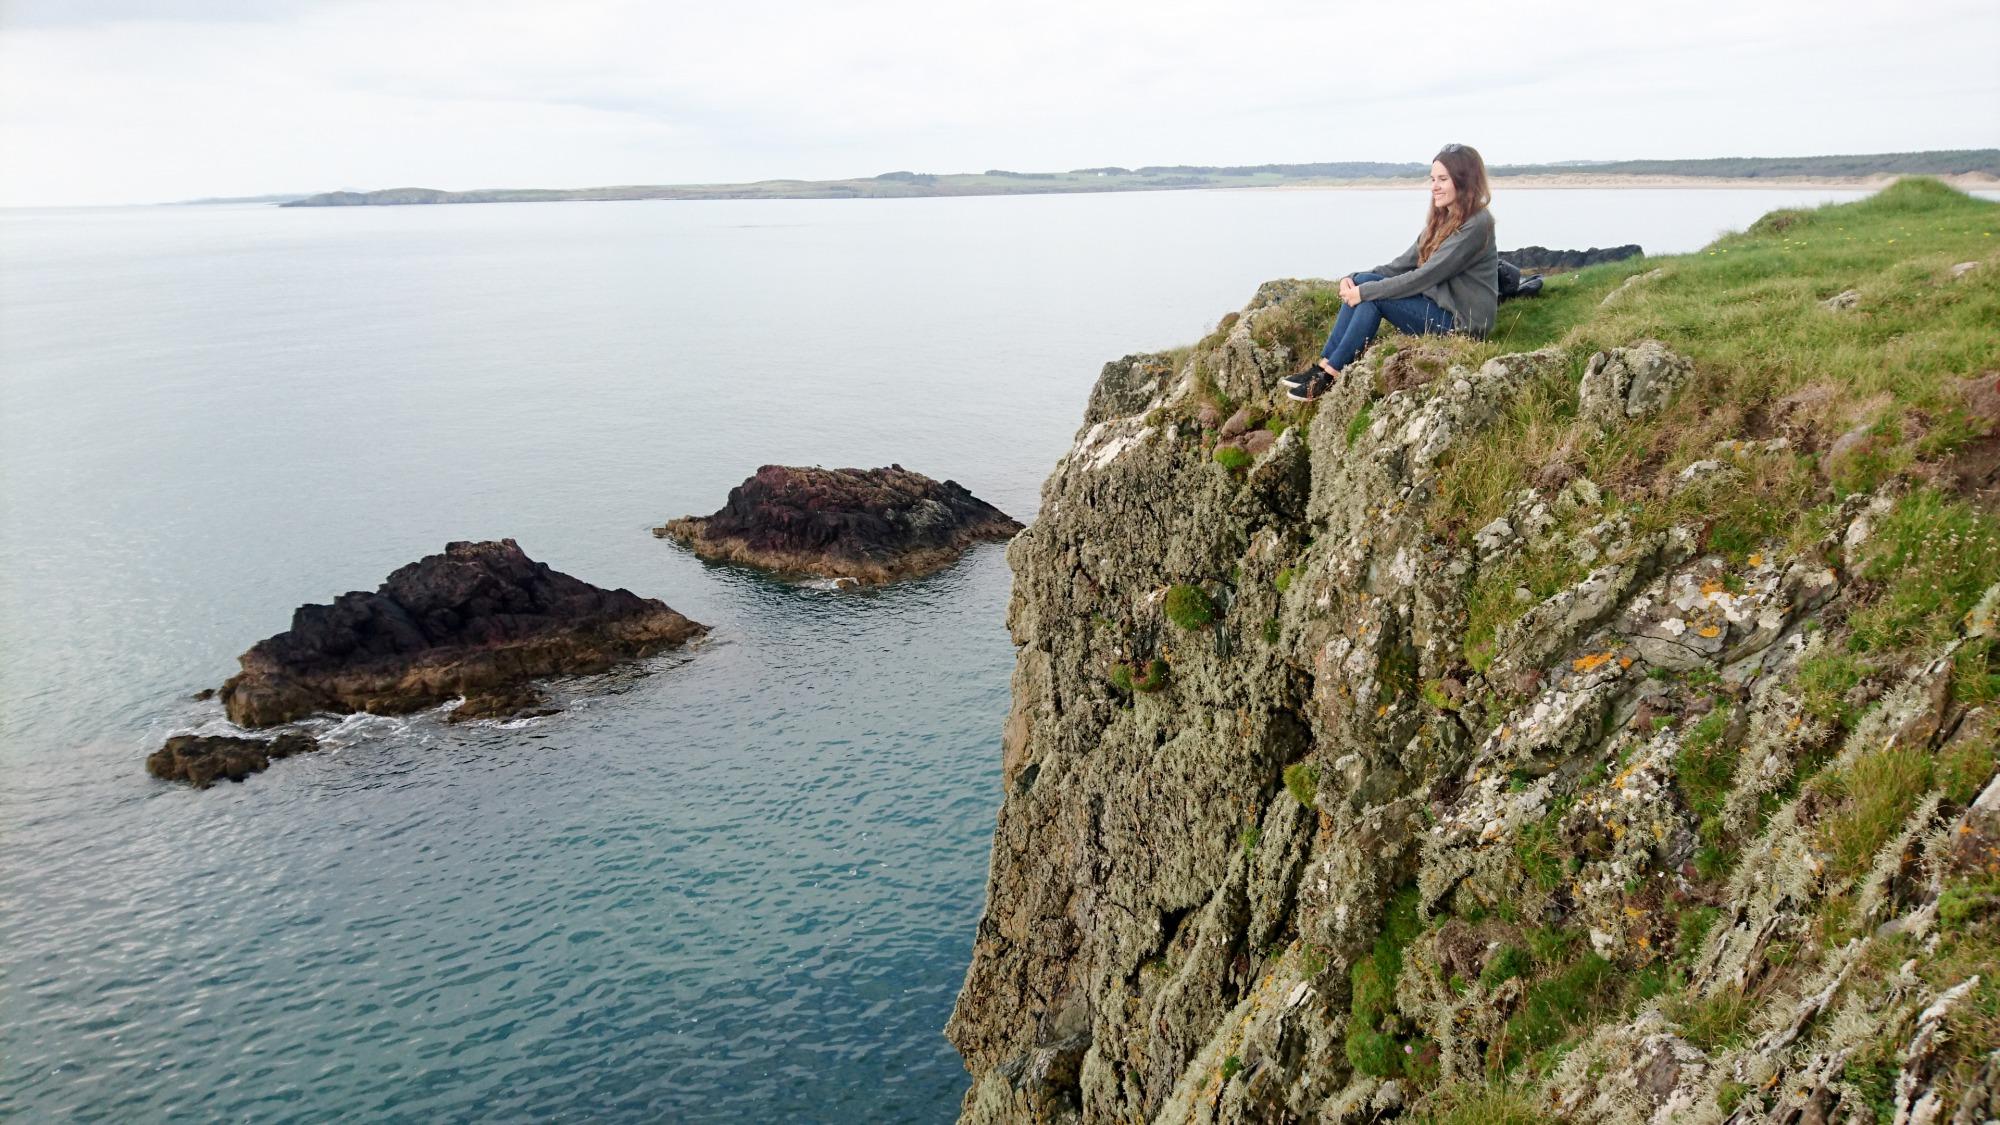 North Wales, llanddwyn island cliffs